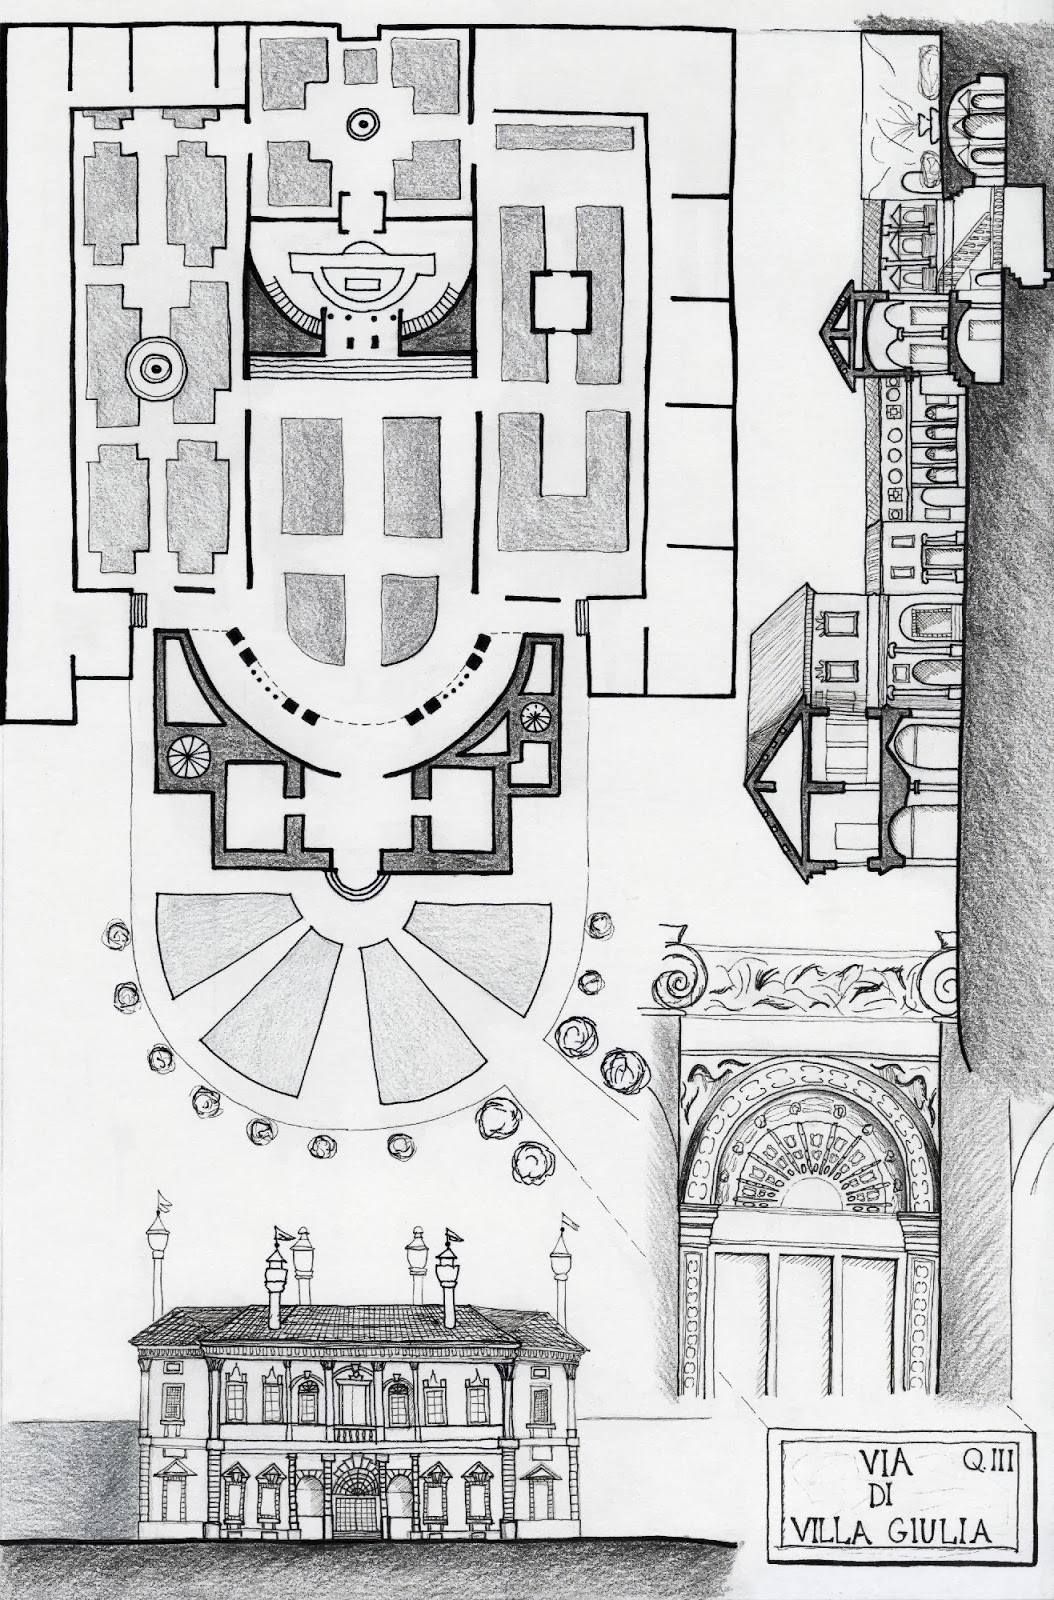 Arteacedo Plantas Y Dibujos De Edificios Del Cinquecento